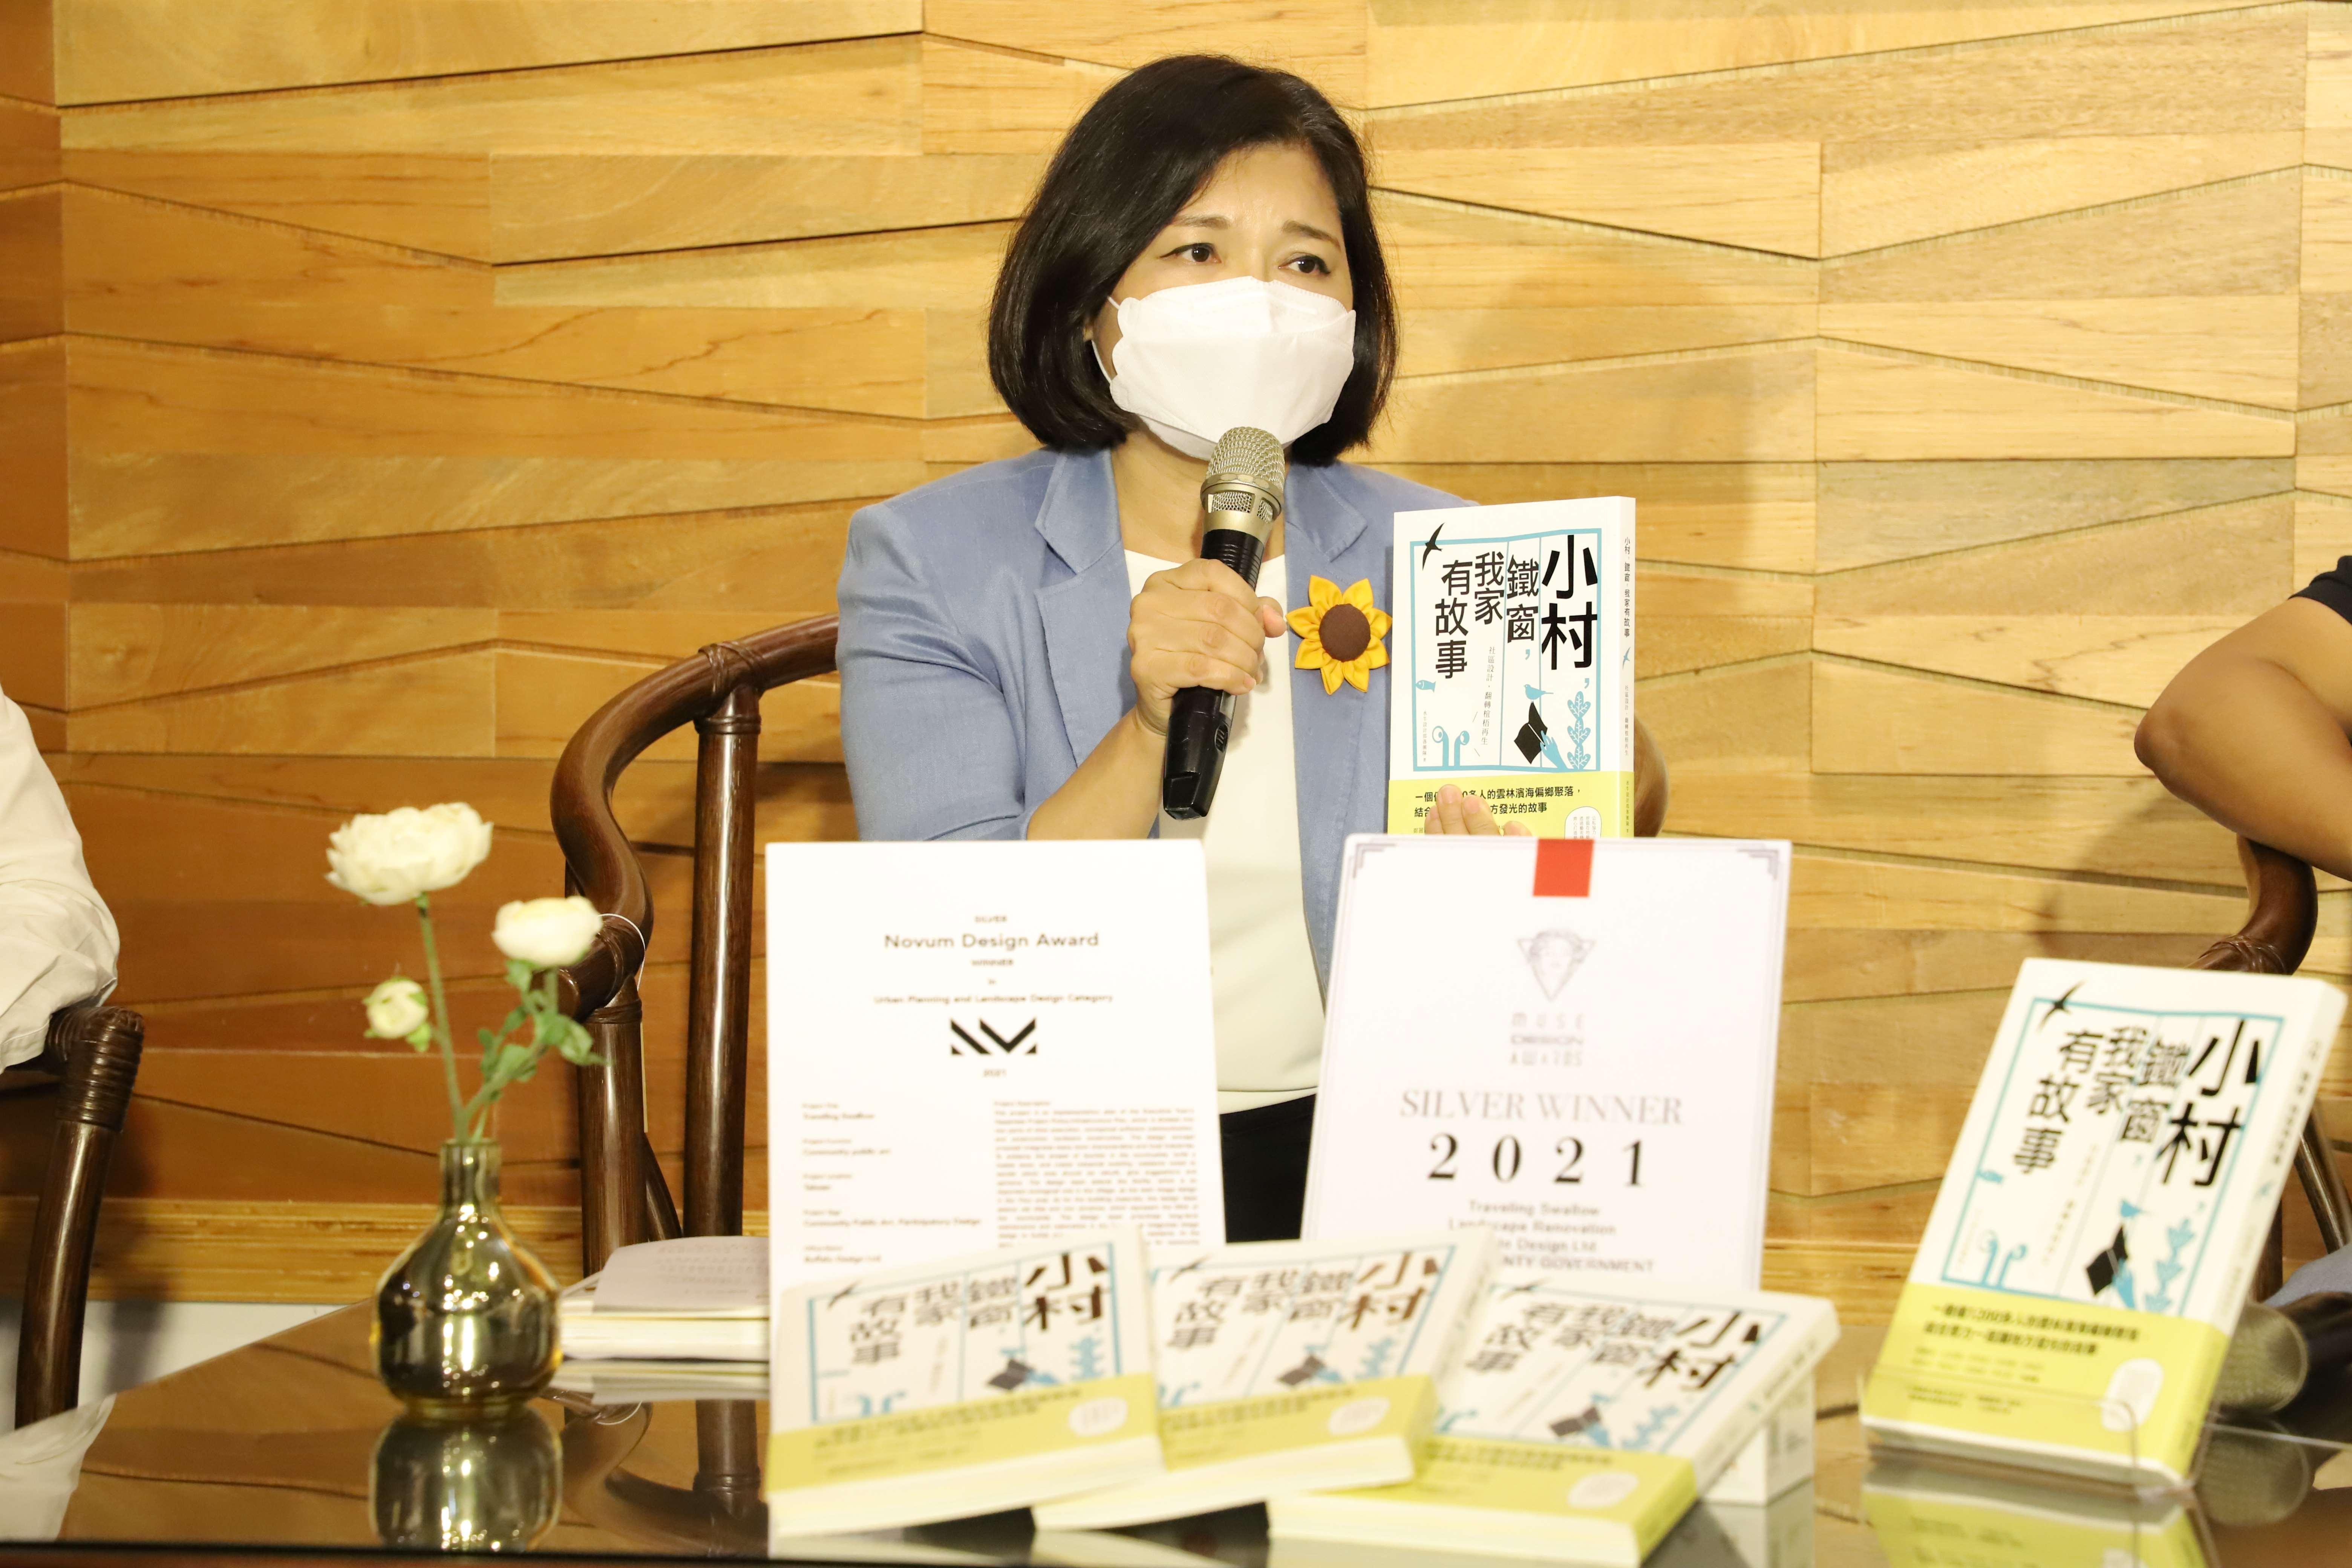 小村,鐵窗,我家有故事新書發表,張縣長肯定在地居民與設計團隊的努力。